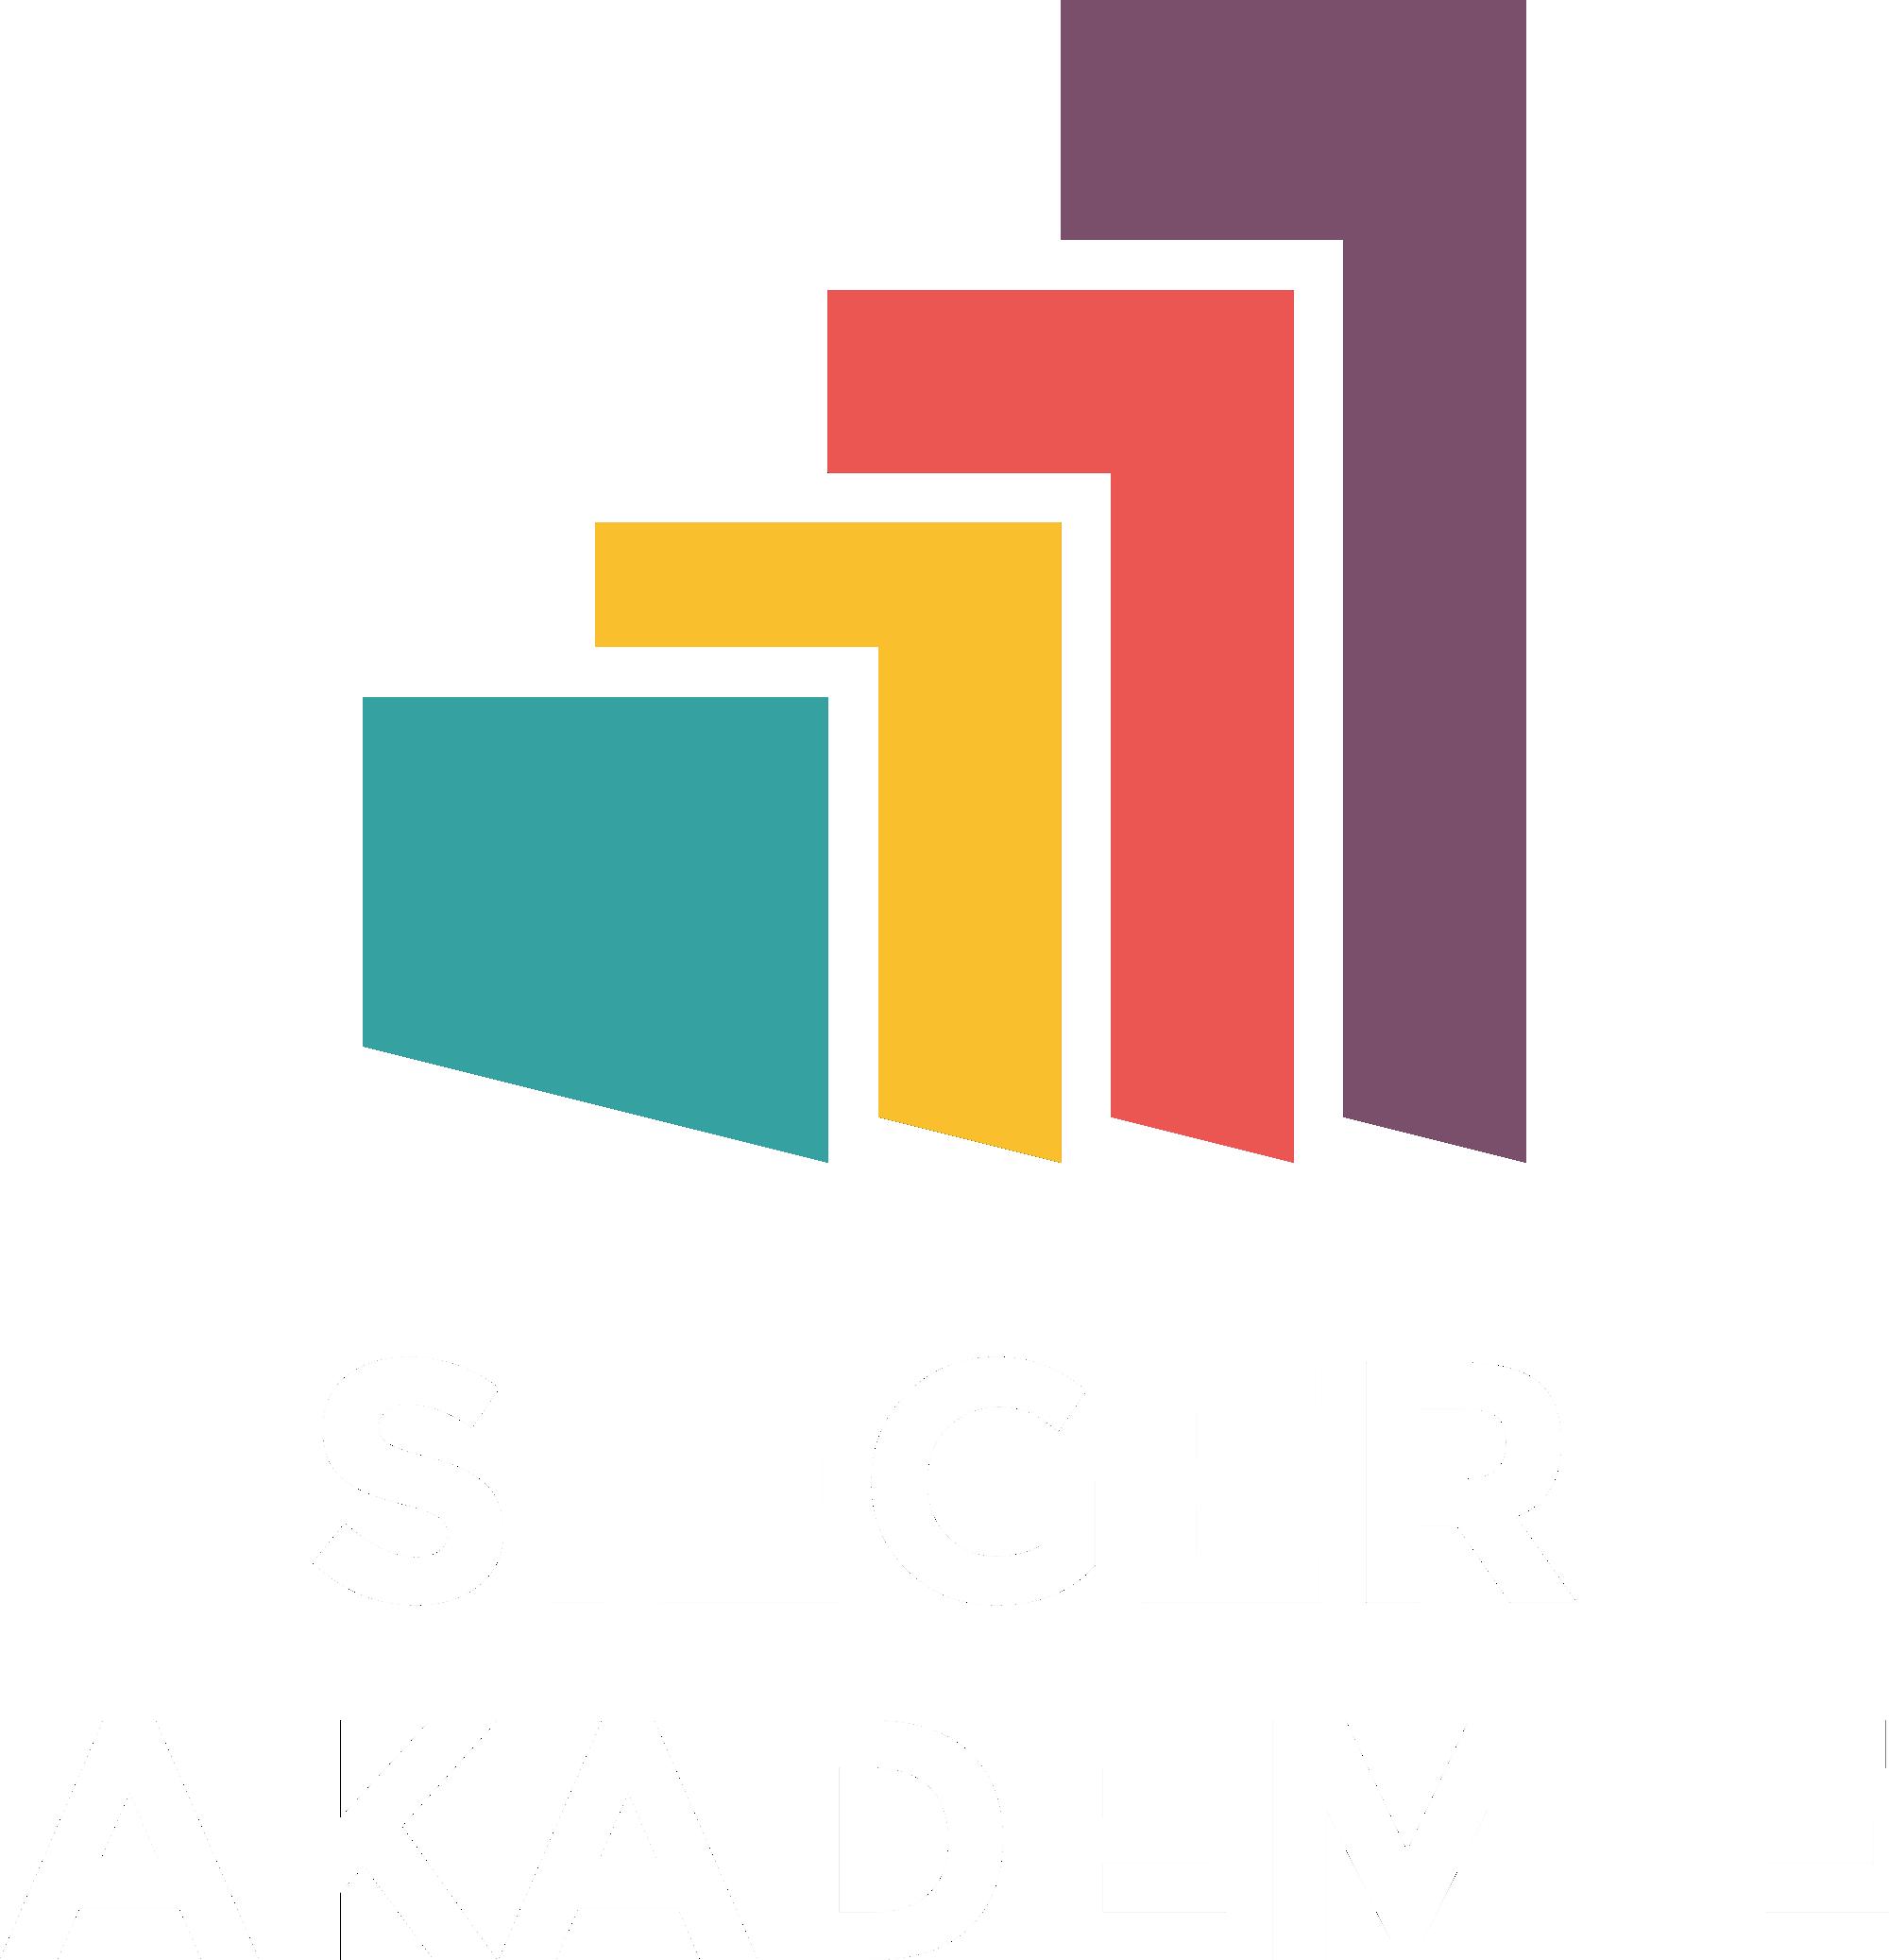 Sieger Akademie - Logo Redesign